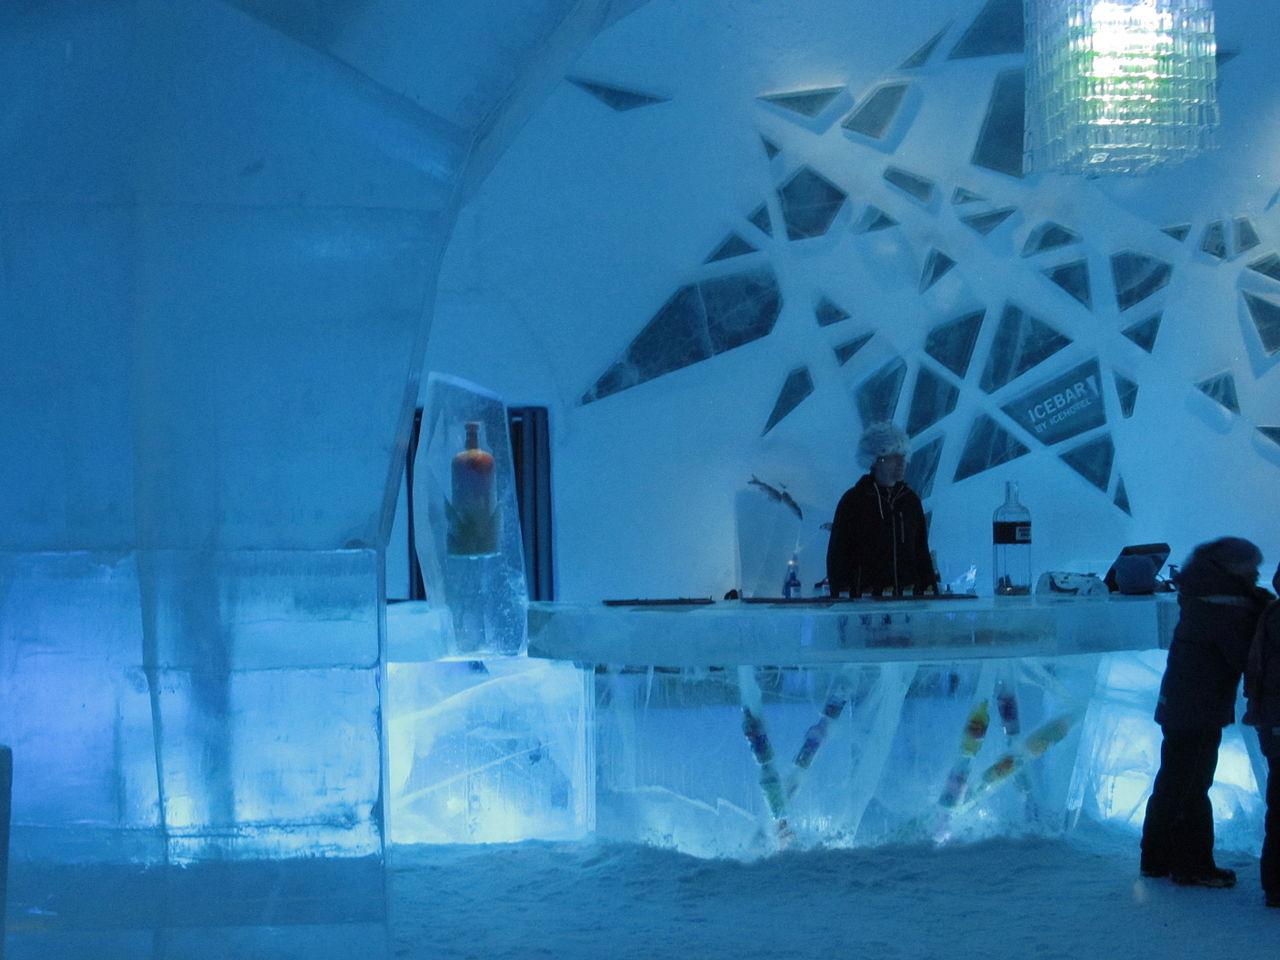 Barul de gheaţă din Jukkasjärvi, Suedia, decembrie 2012